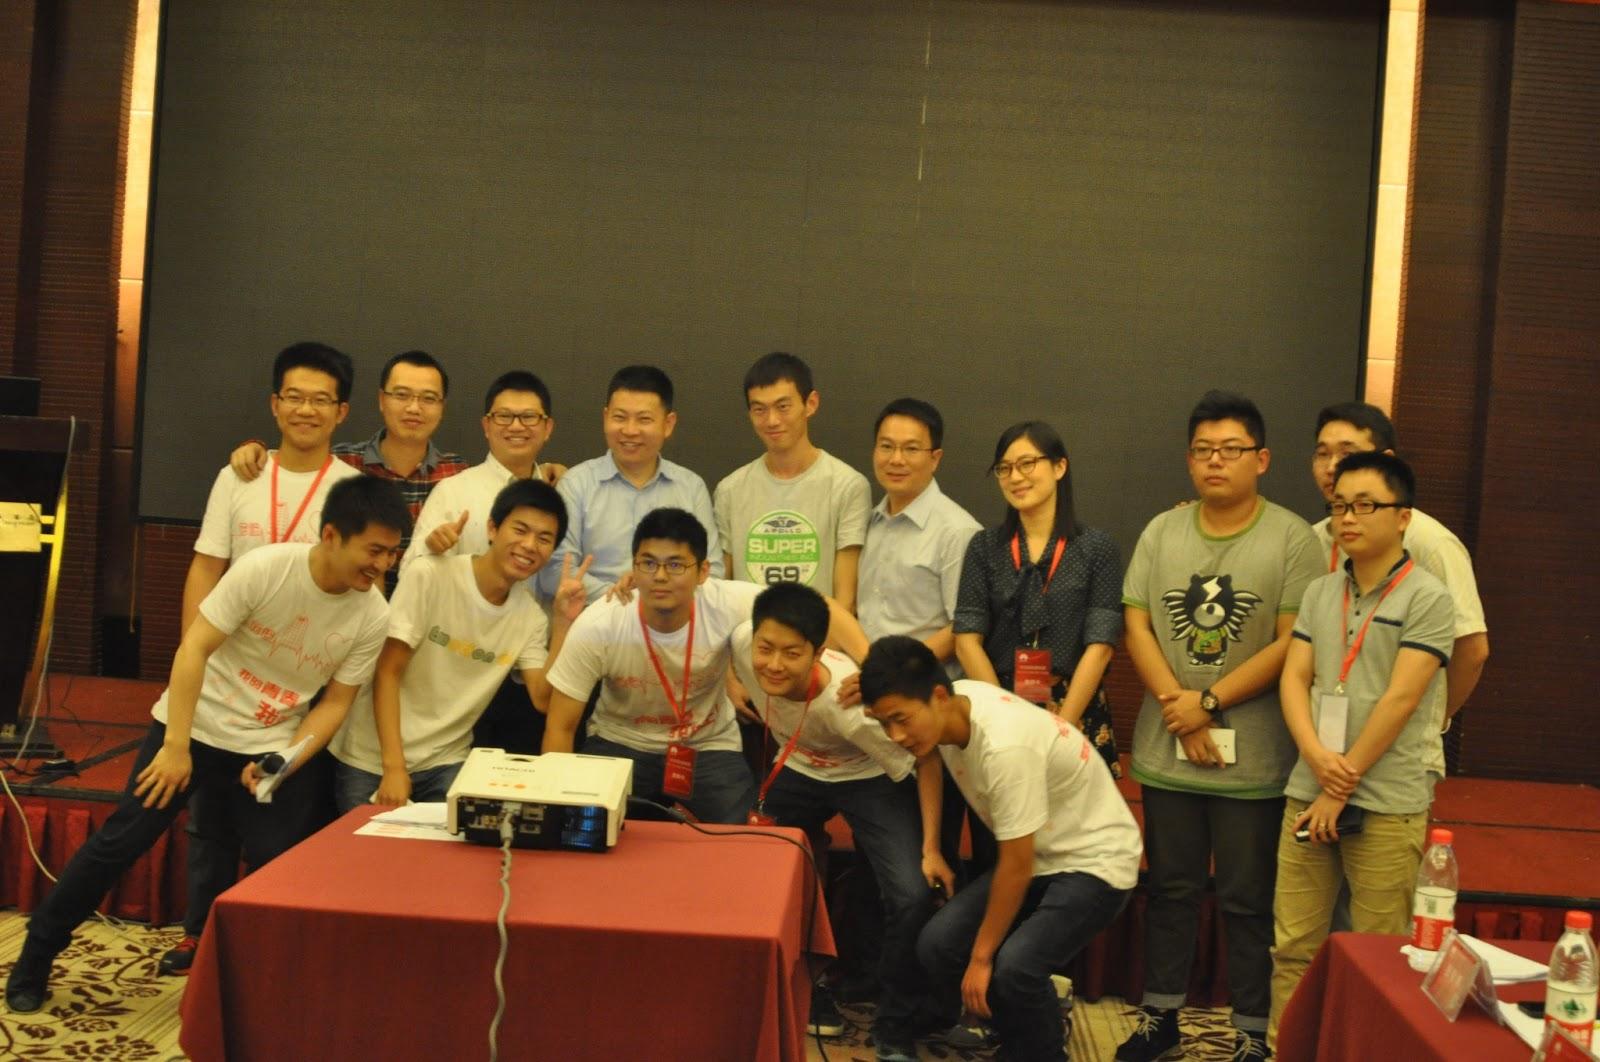 EMUI: First Huawei Emotion UI Fan Club